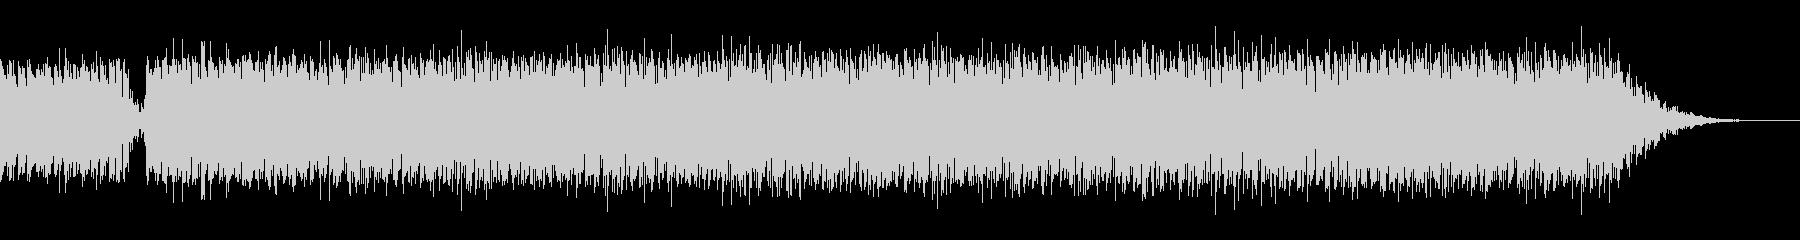 ジングルベルの4つ打ちダンス系シンプルの未再生の波形